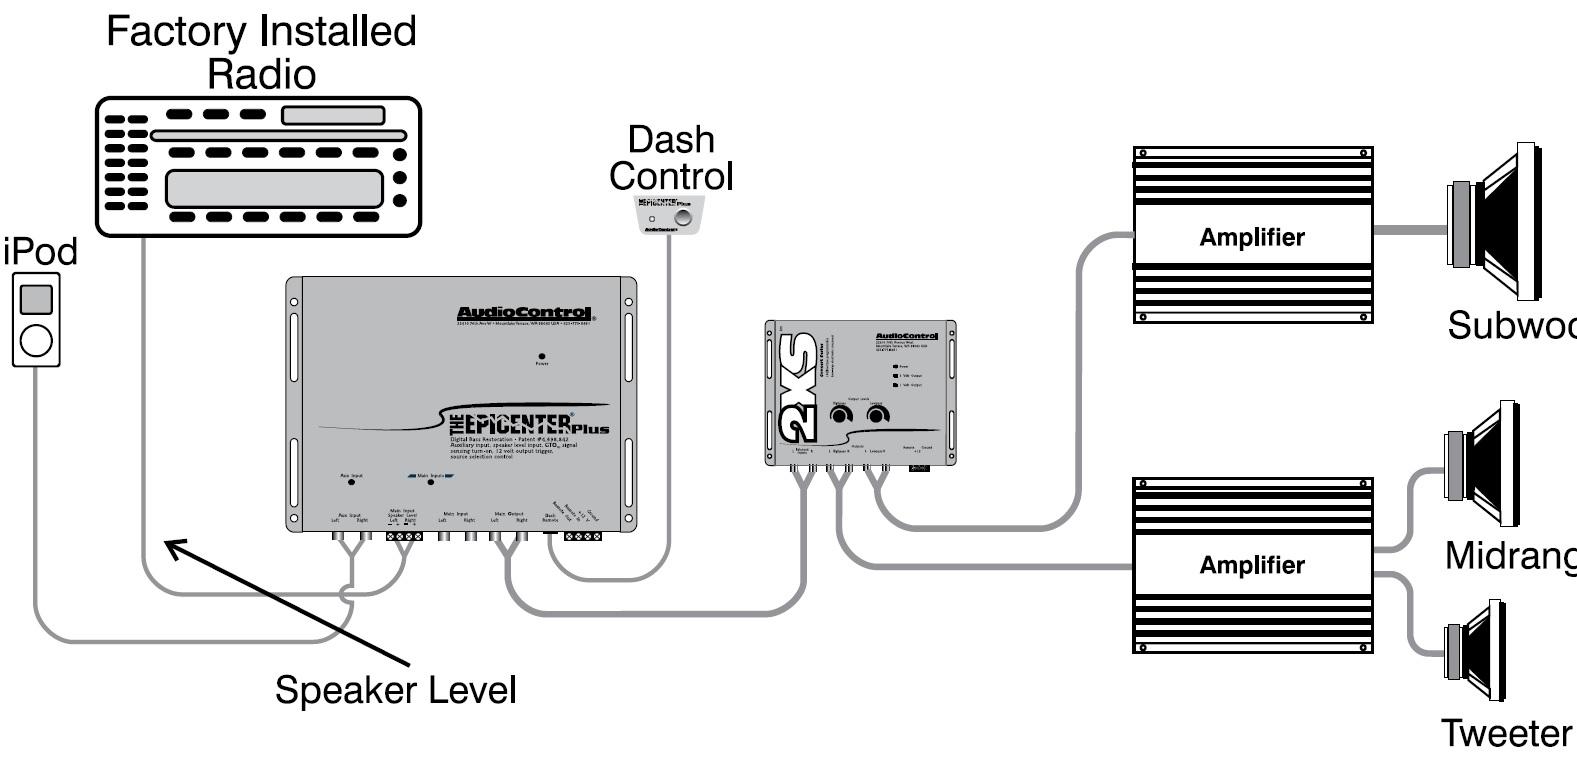 Basic Car Audio Wiring Diagram | Wiring Diagram - Car Audio Wiring Diagram